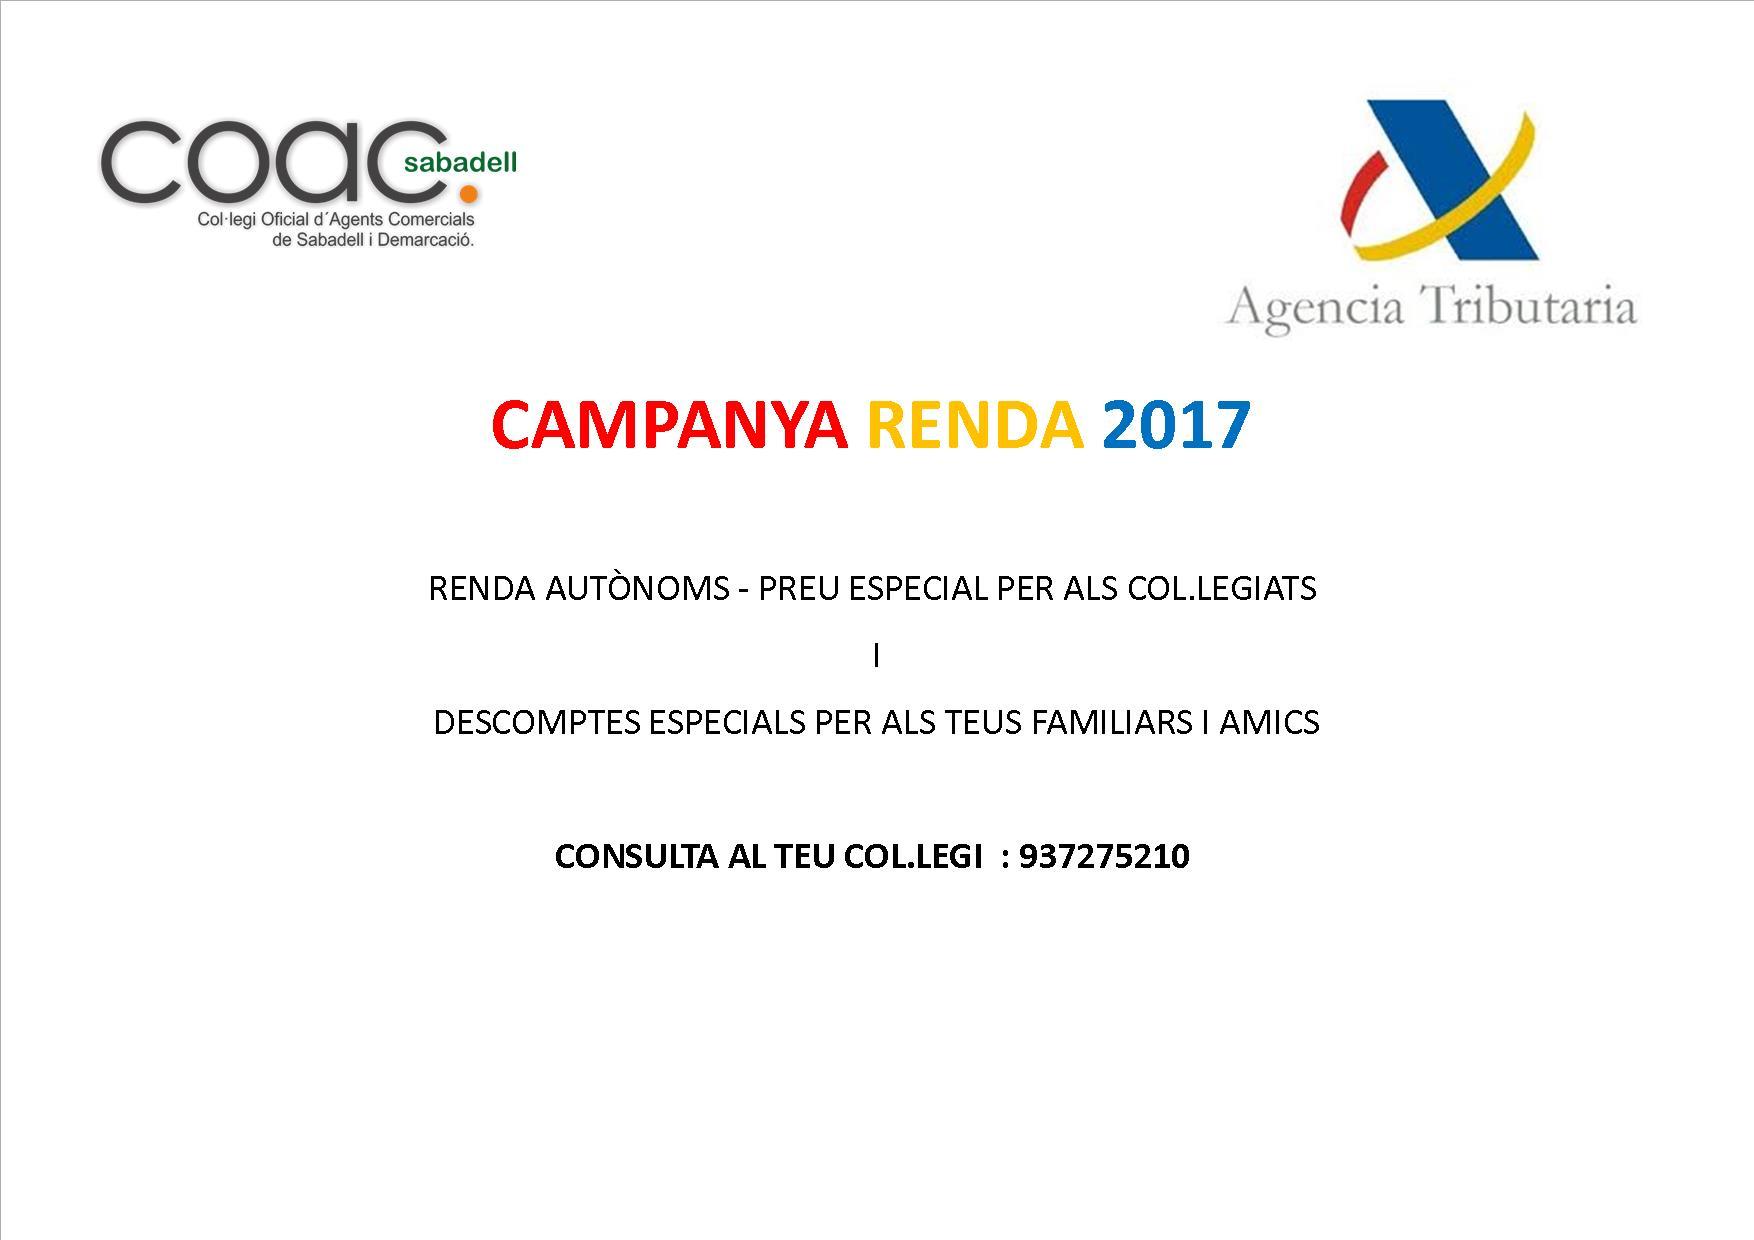 RENDA 2017